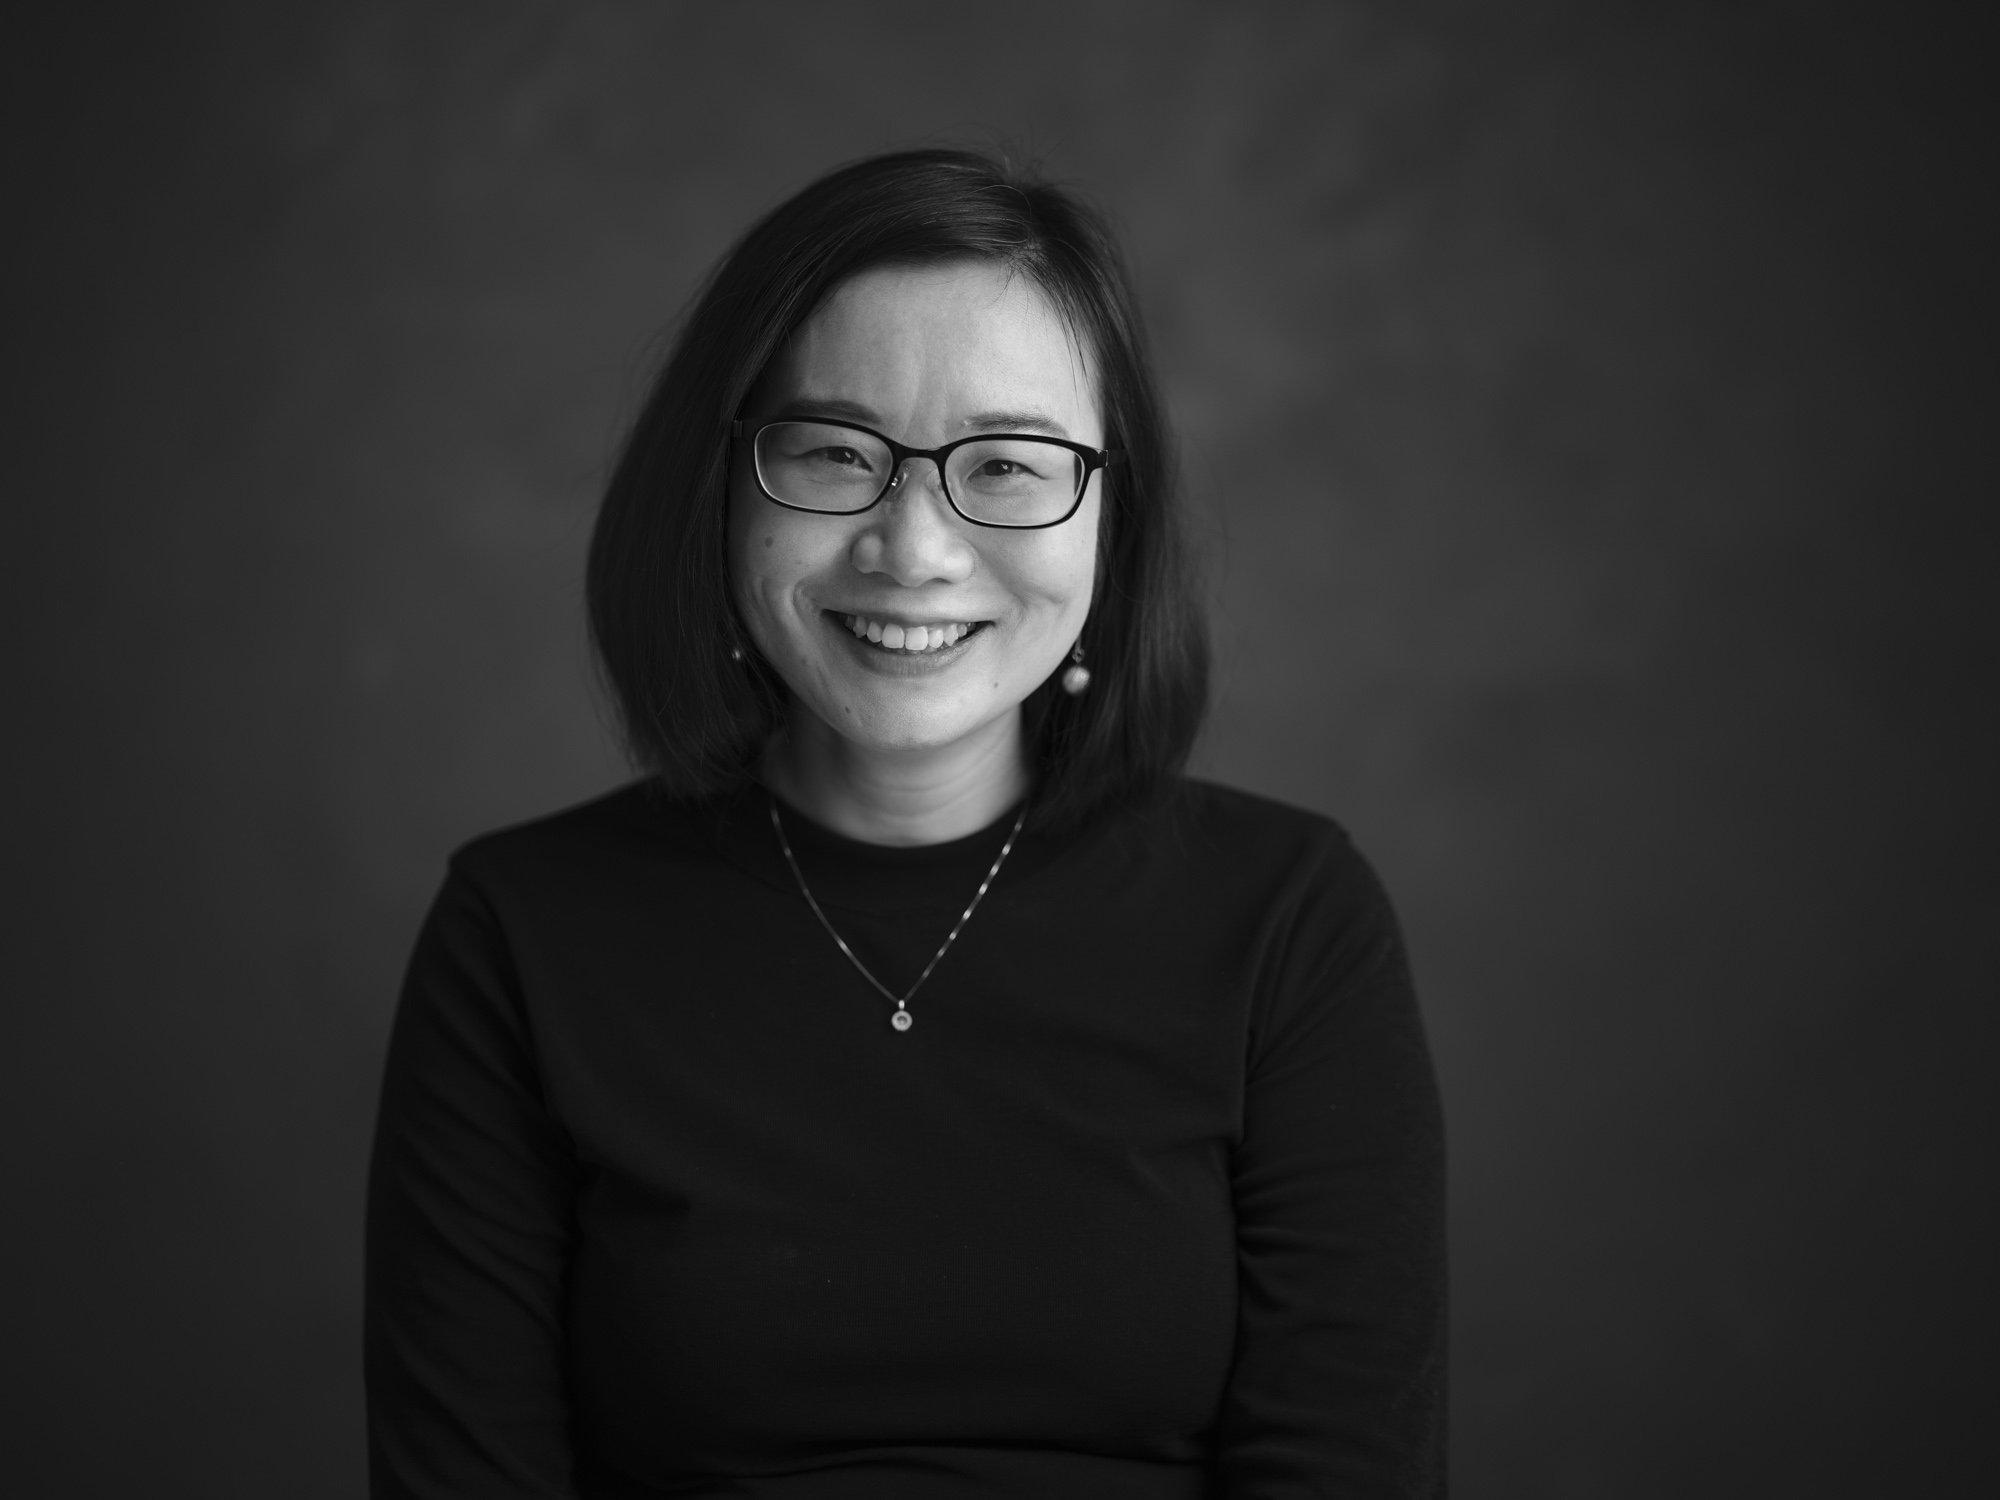 Headshot Session Portrait Photography Singapore Jose Jeuland 38